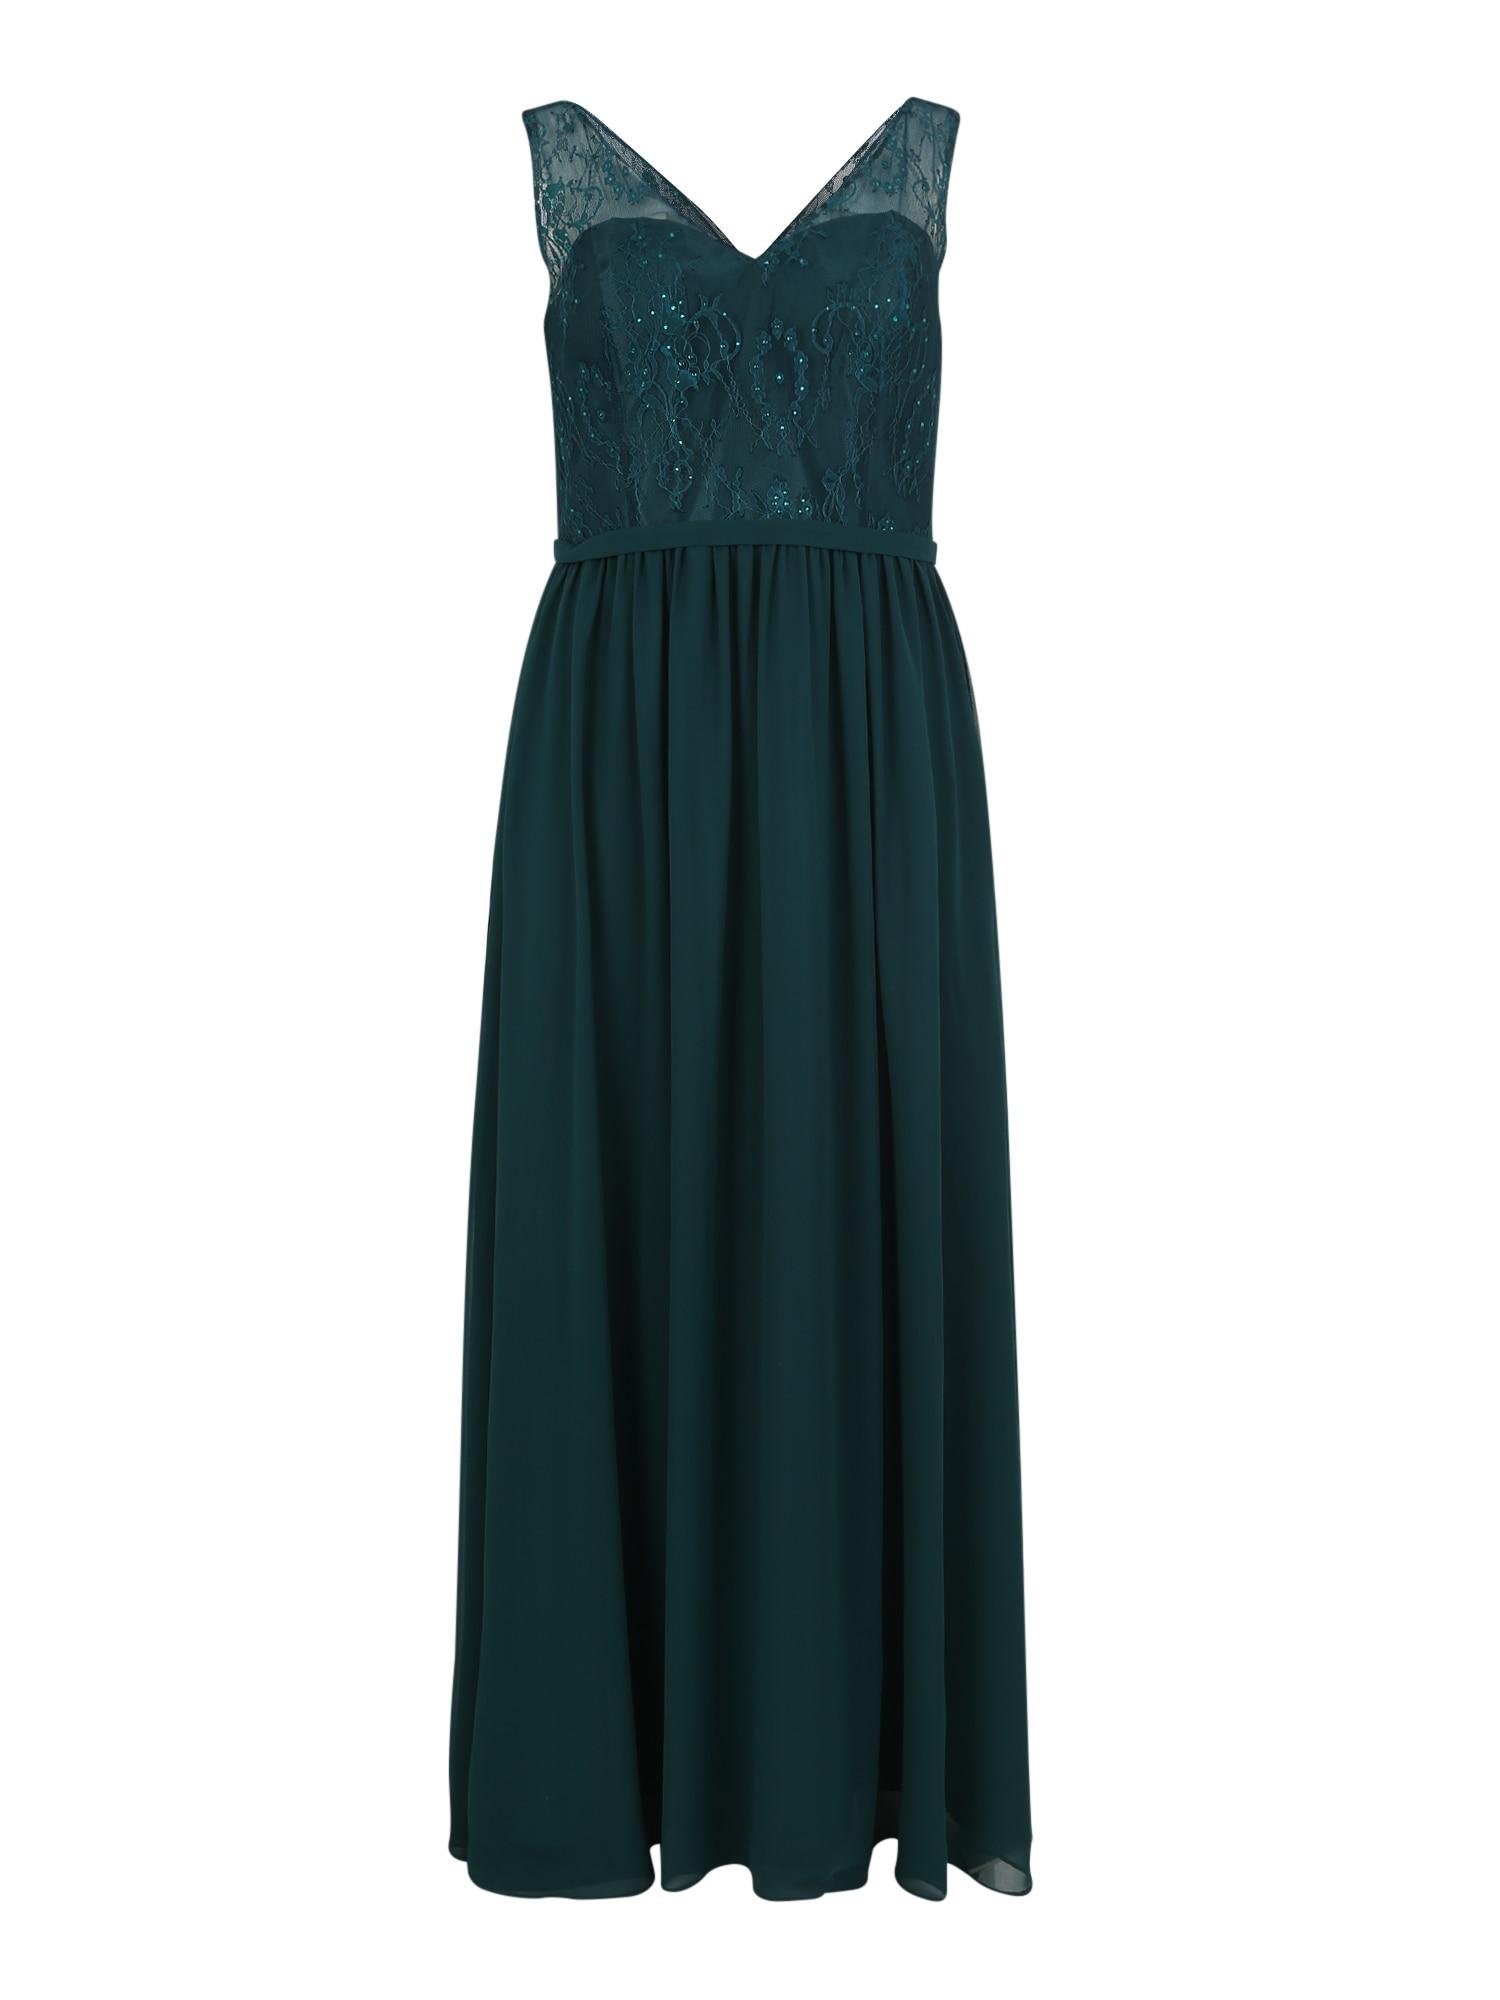 Společenské šaty CLASSIC LACE zelená My Mascara Curves